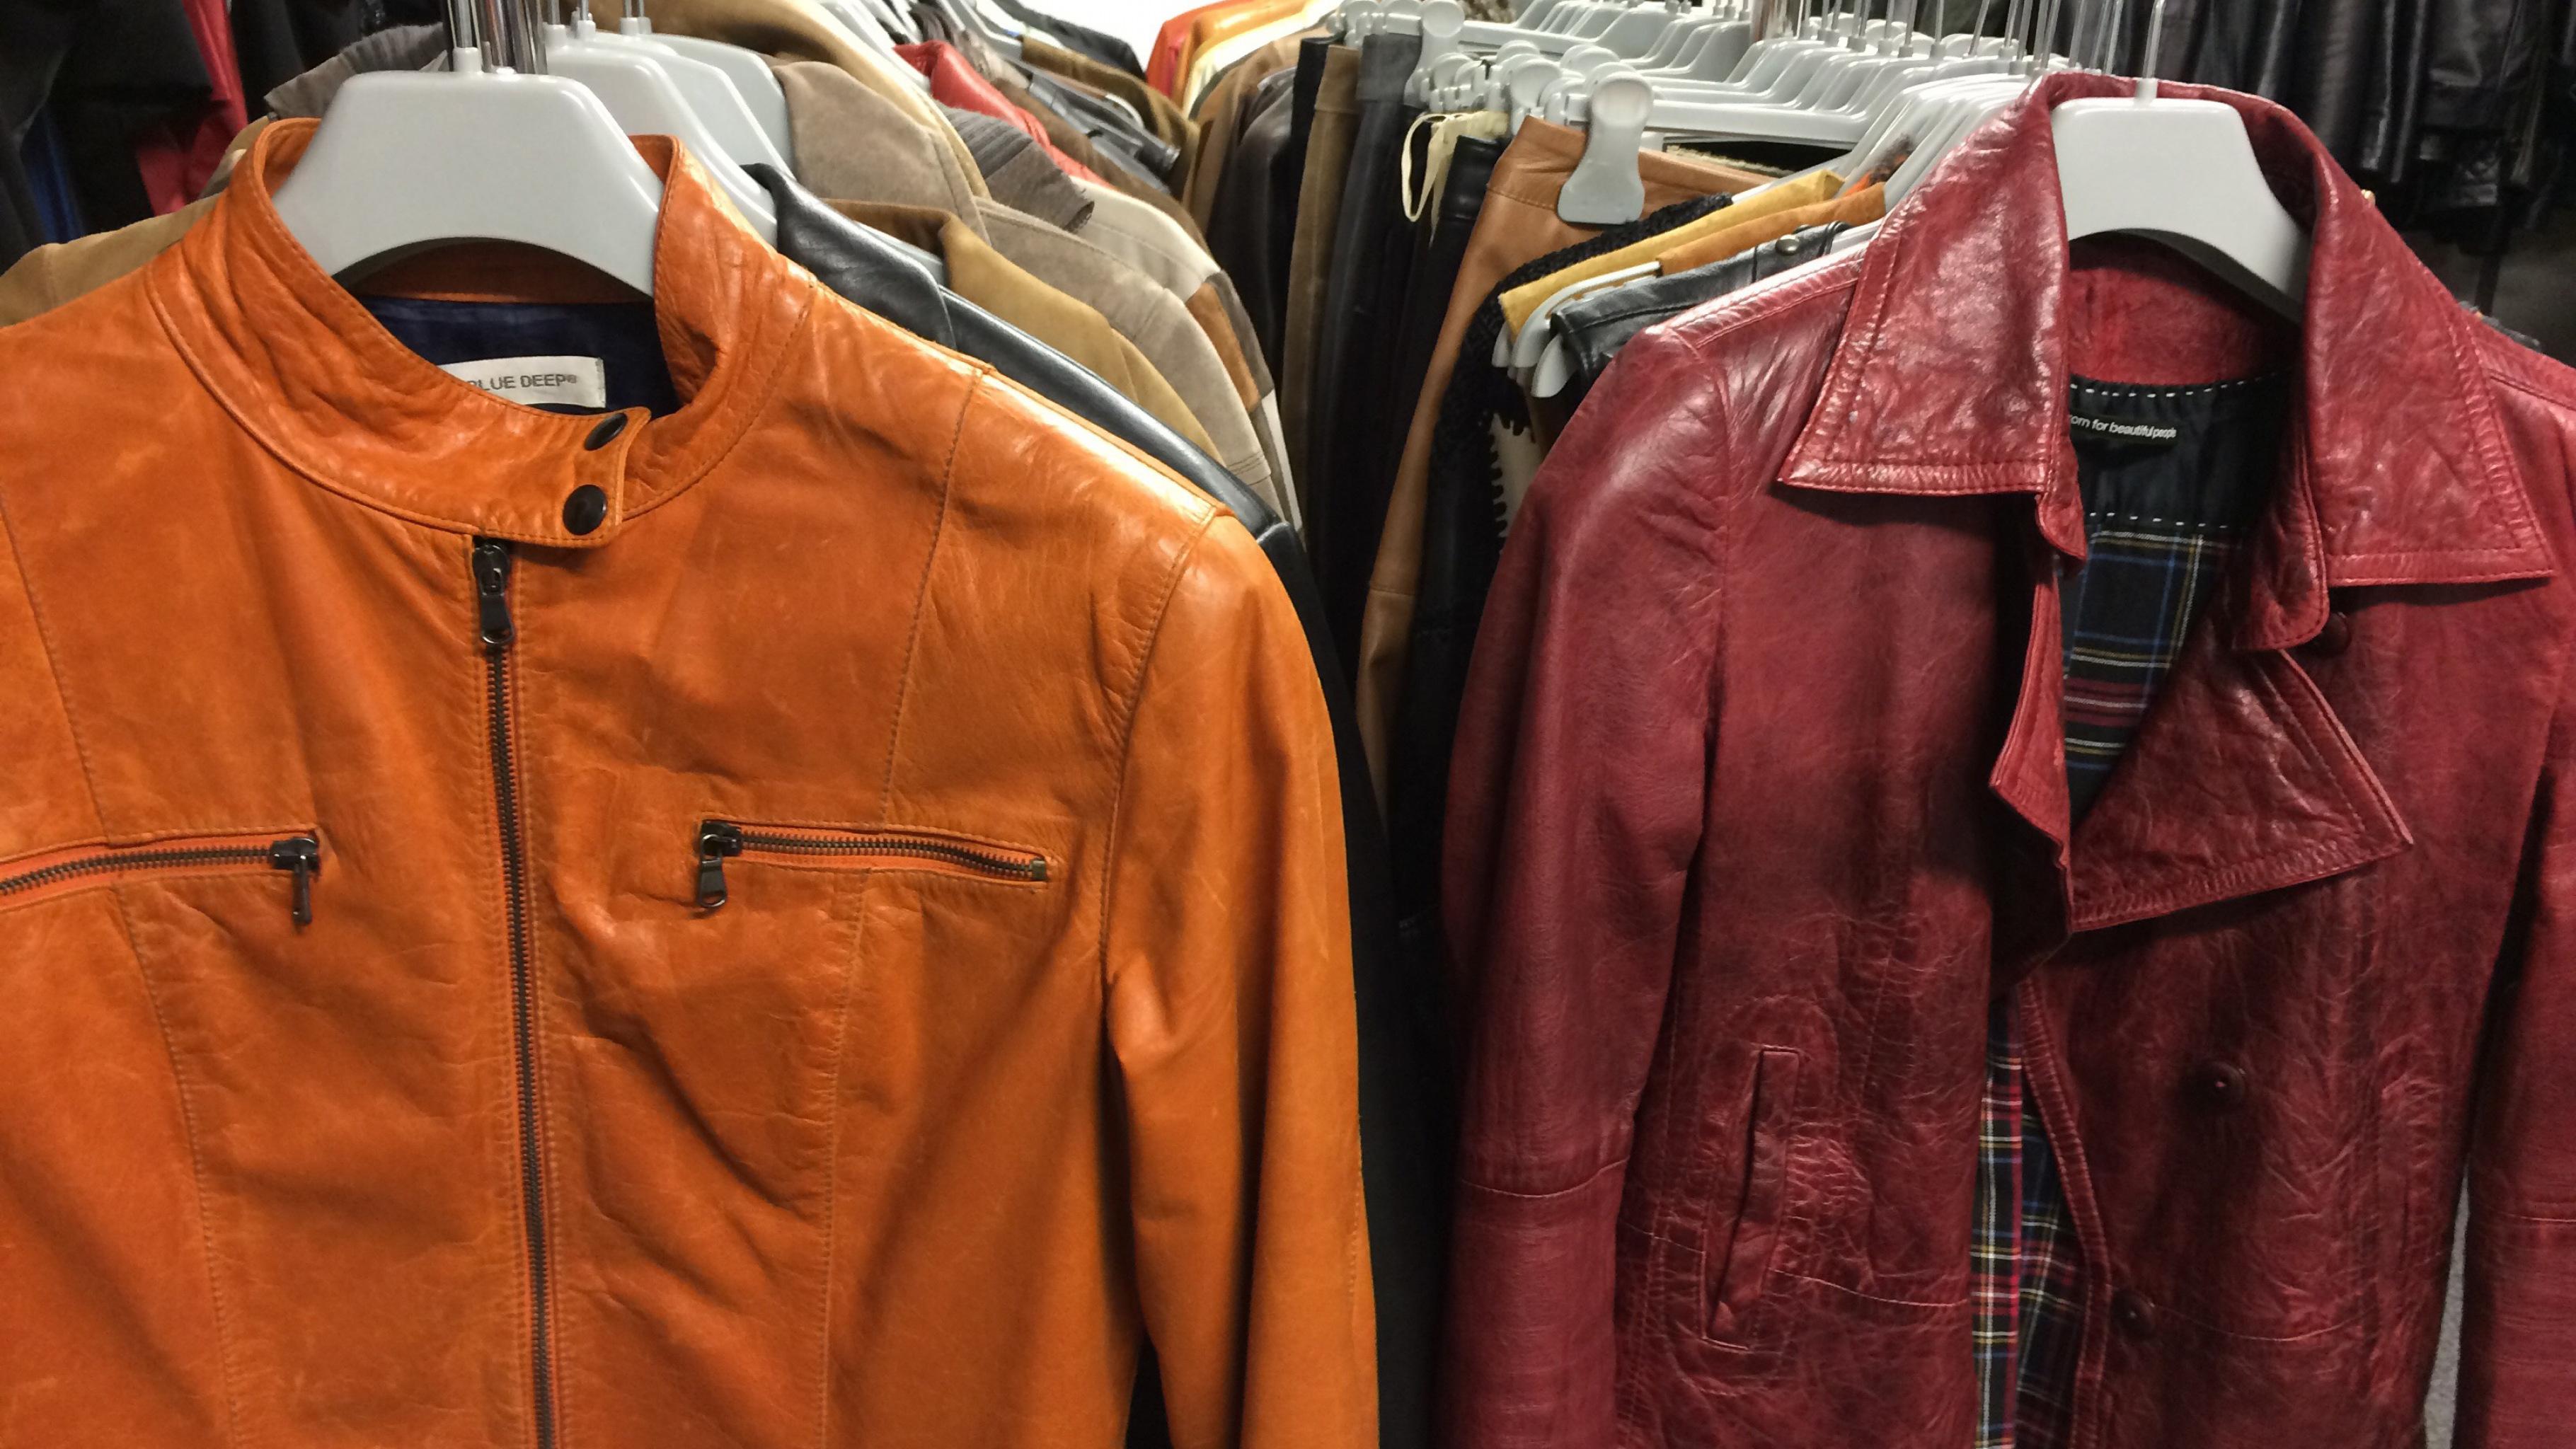 Leder-Sachen gibt es günstig im Oxfam Shop.